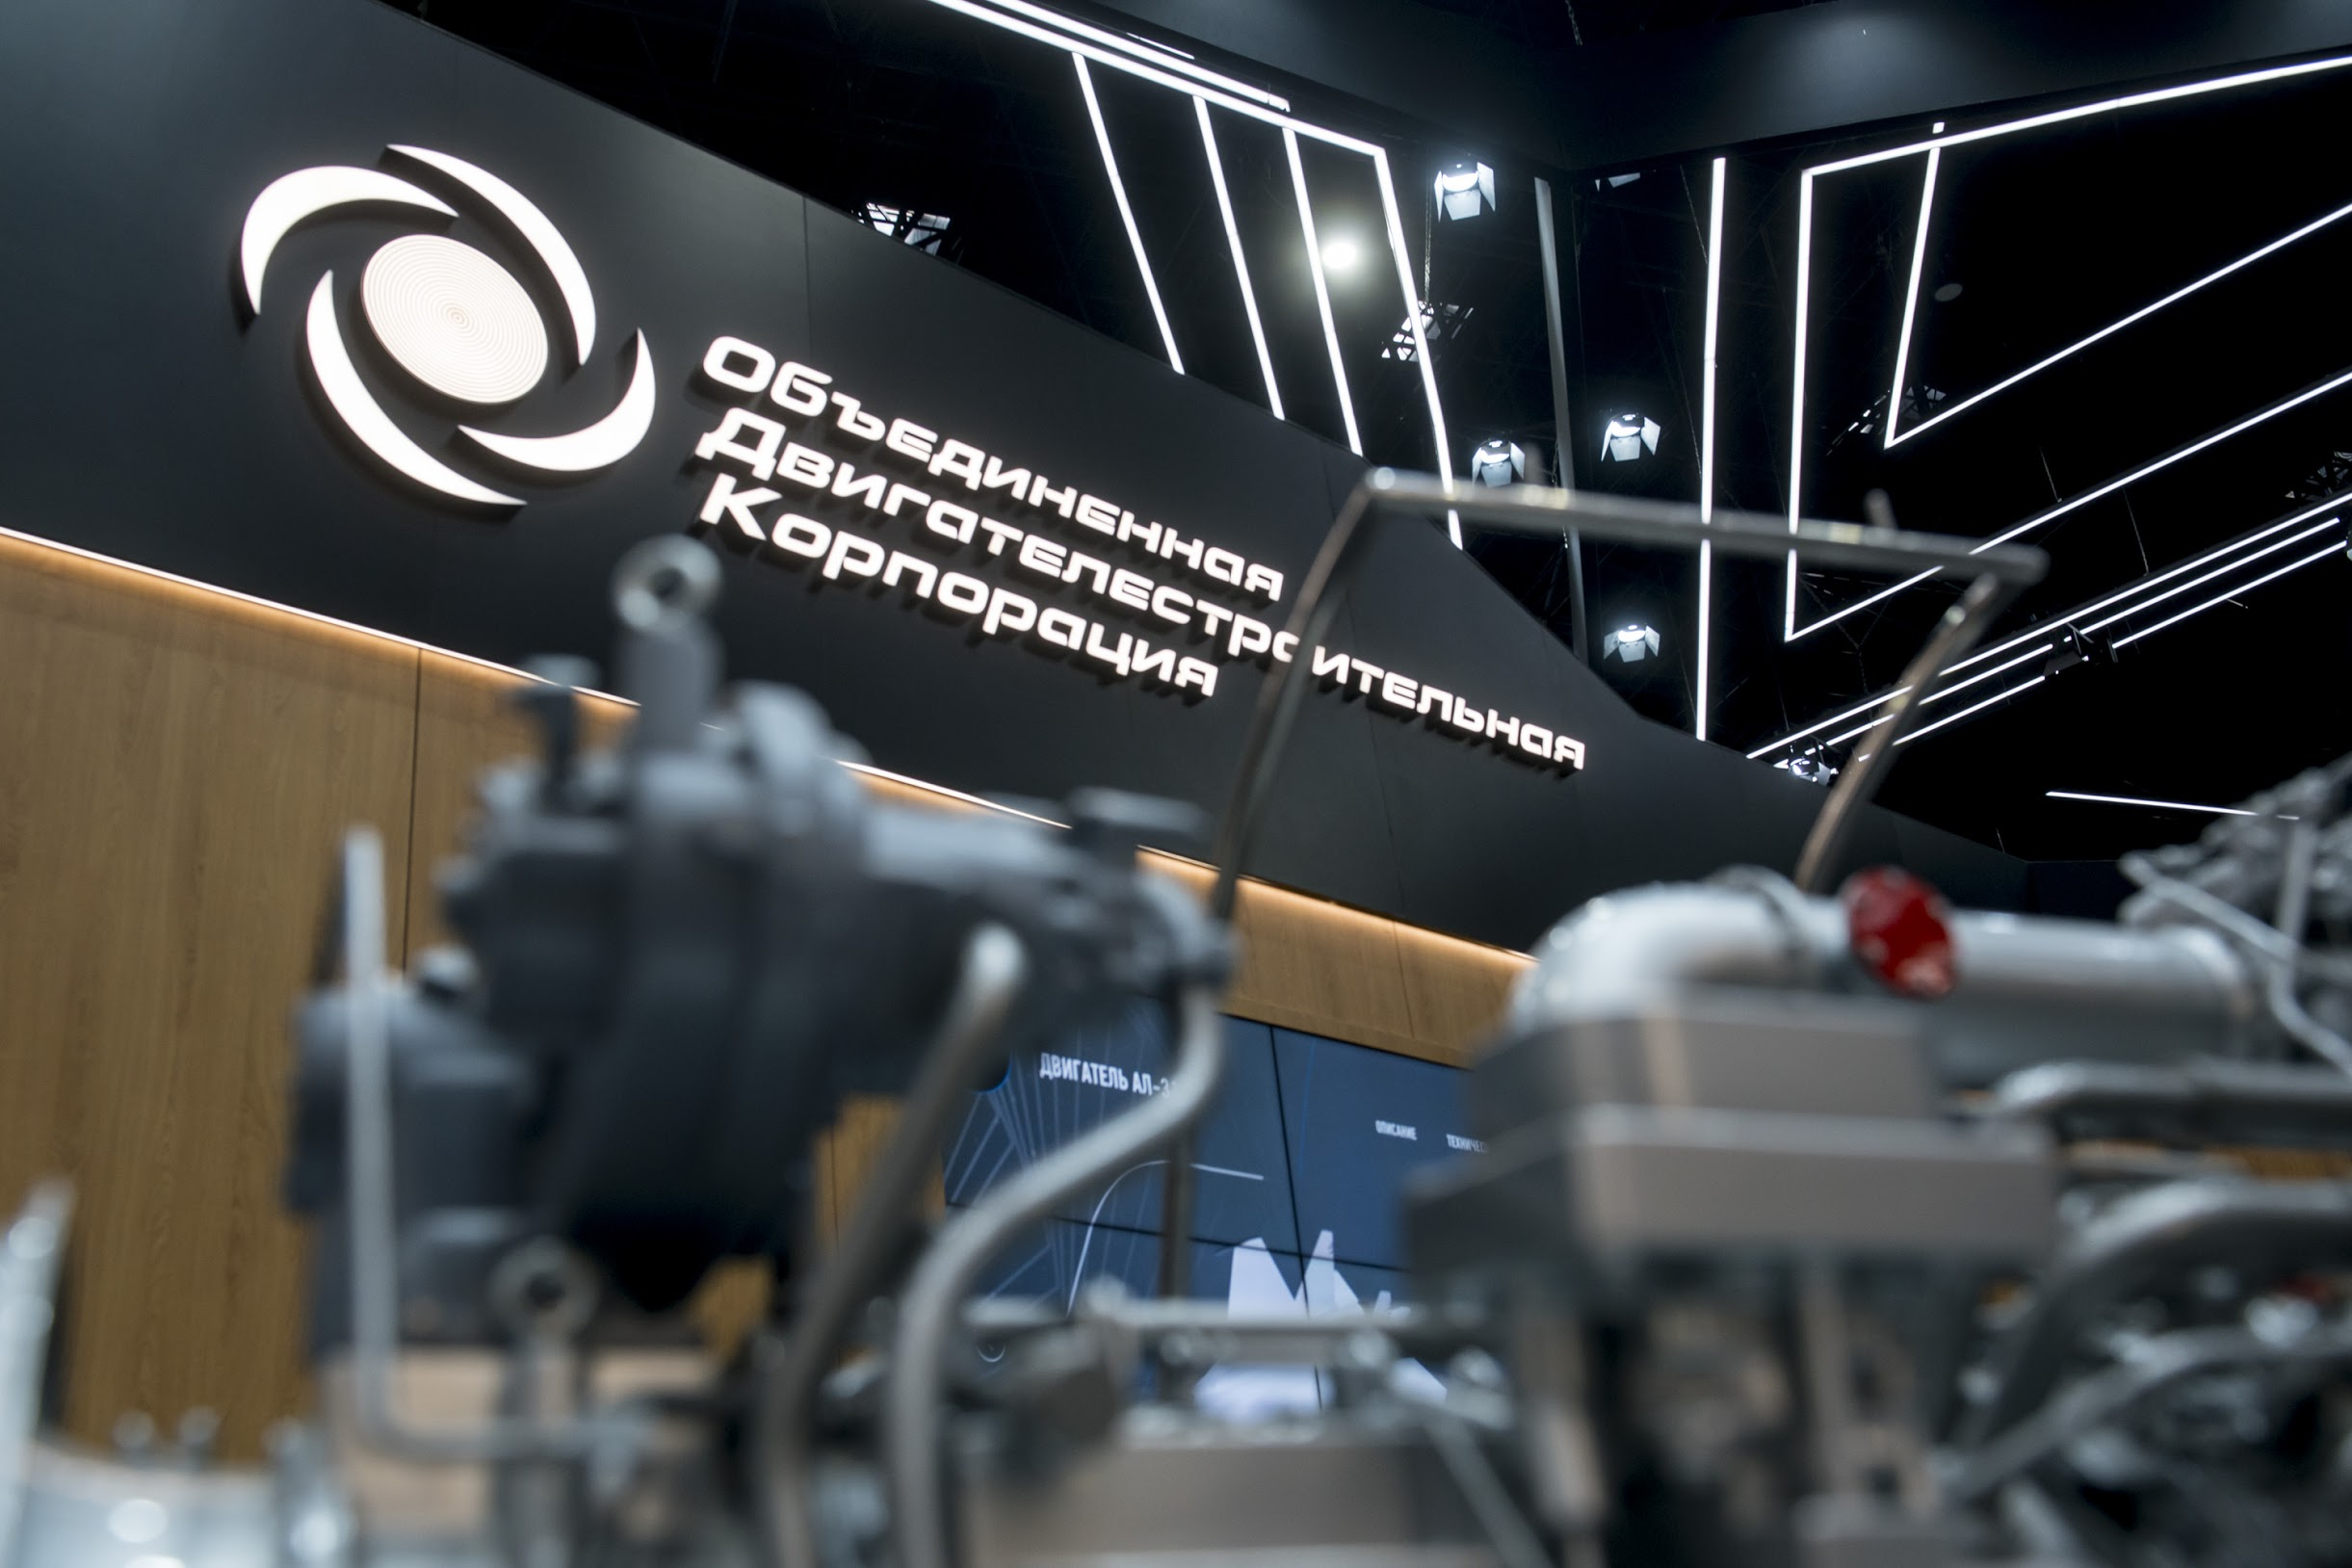 ОДК создает новый двигатель для многоцелевых вертолетов